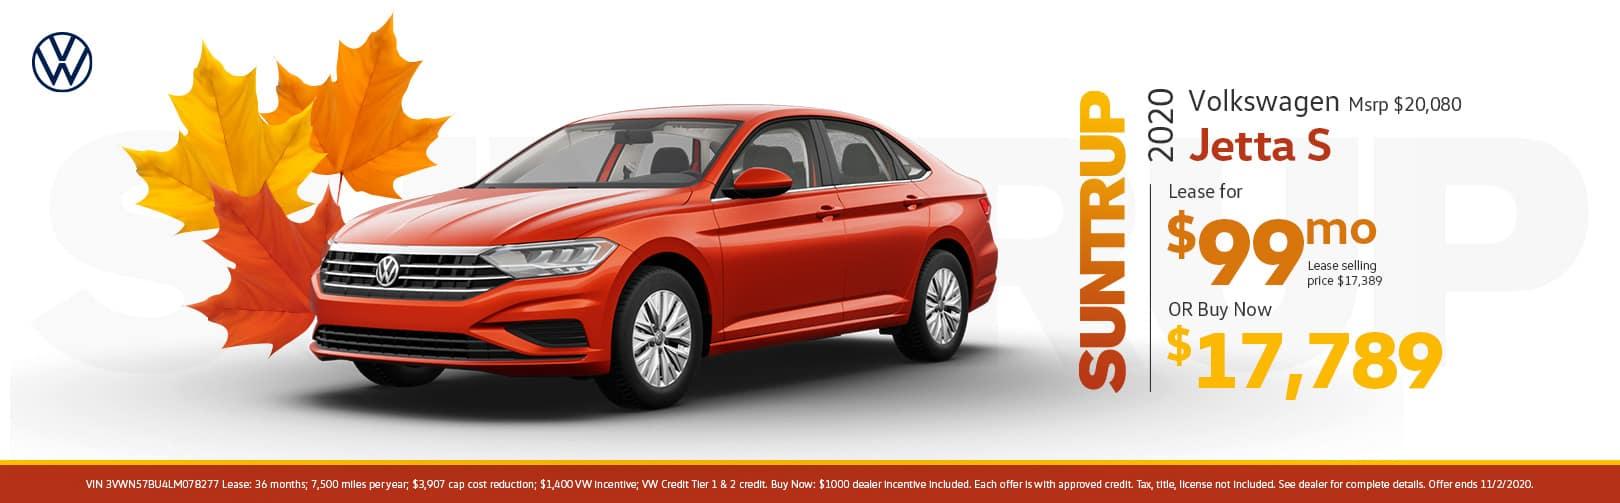 SVW-OCT20-Banners-(2020-Volkswagen-Jetta-S)